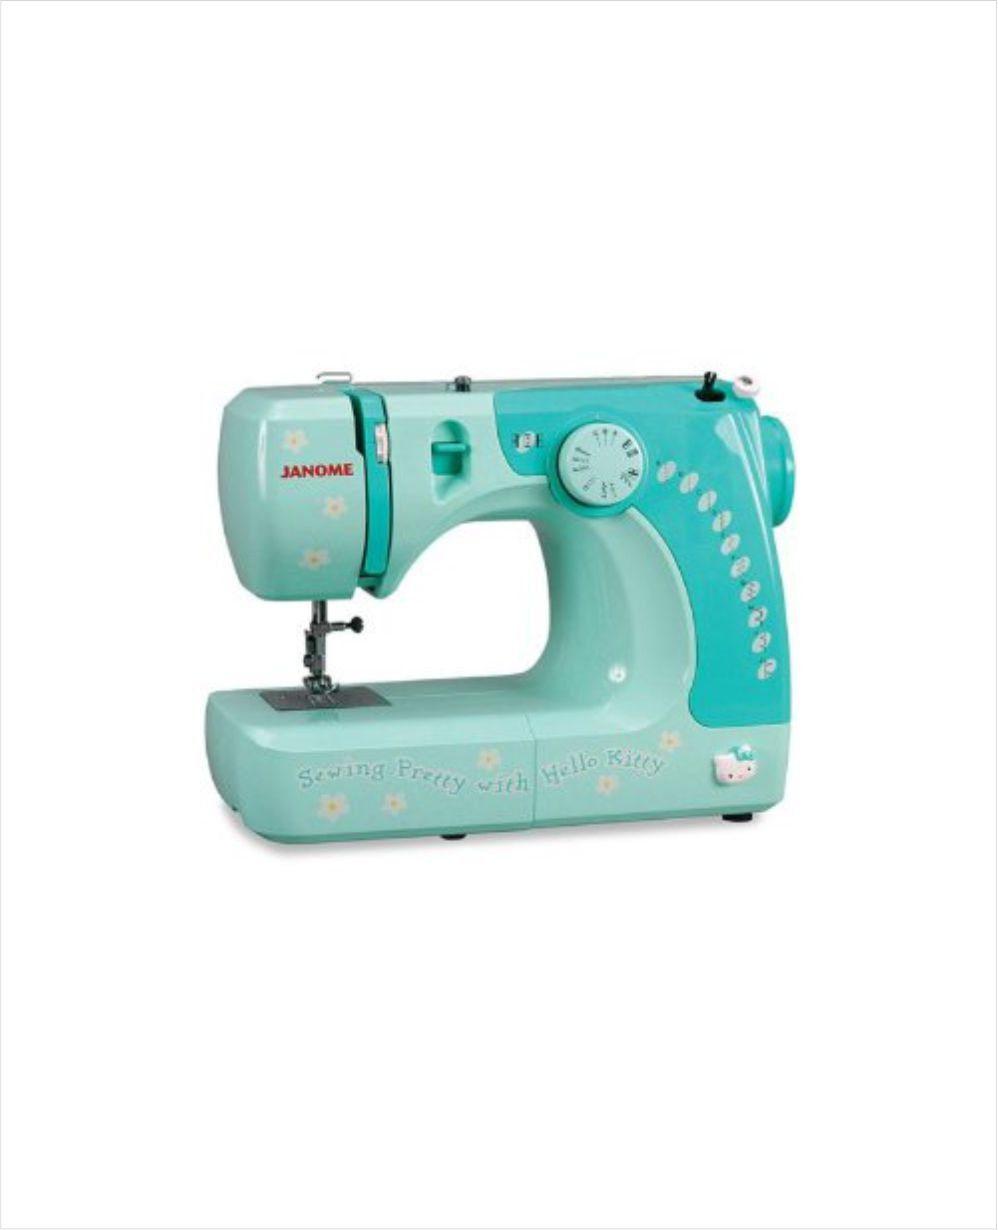 janome kid sewing machine